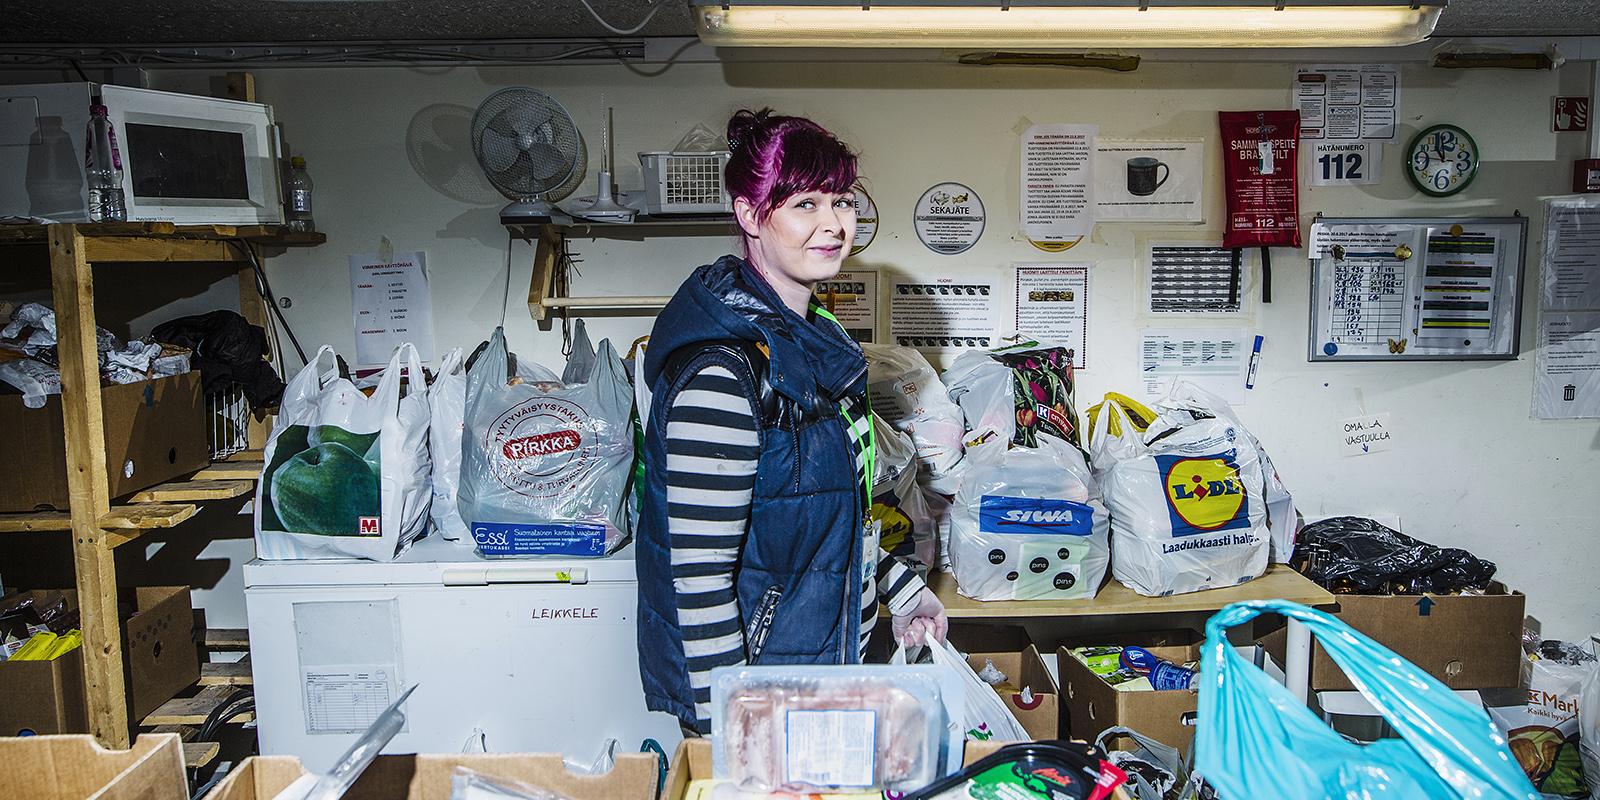 Nainen ruoka-apukassien keskellä